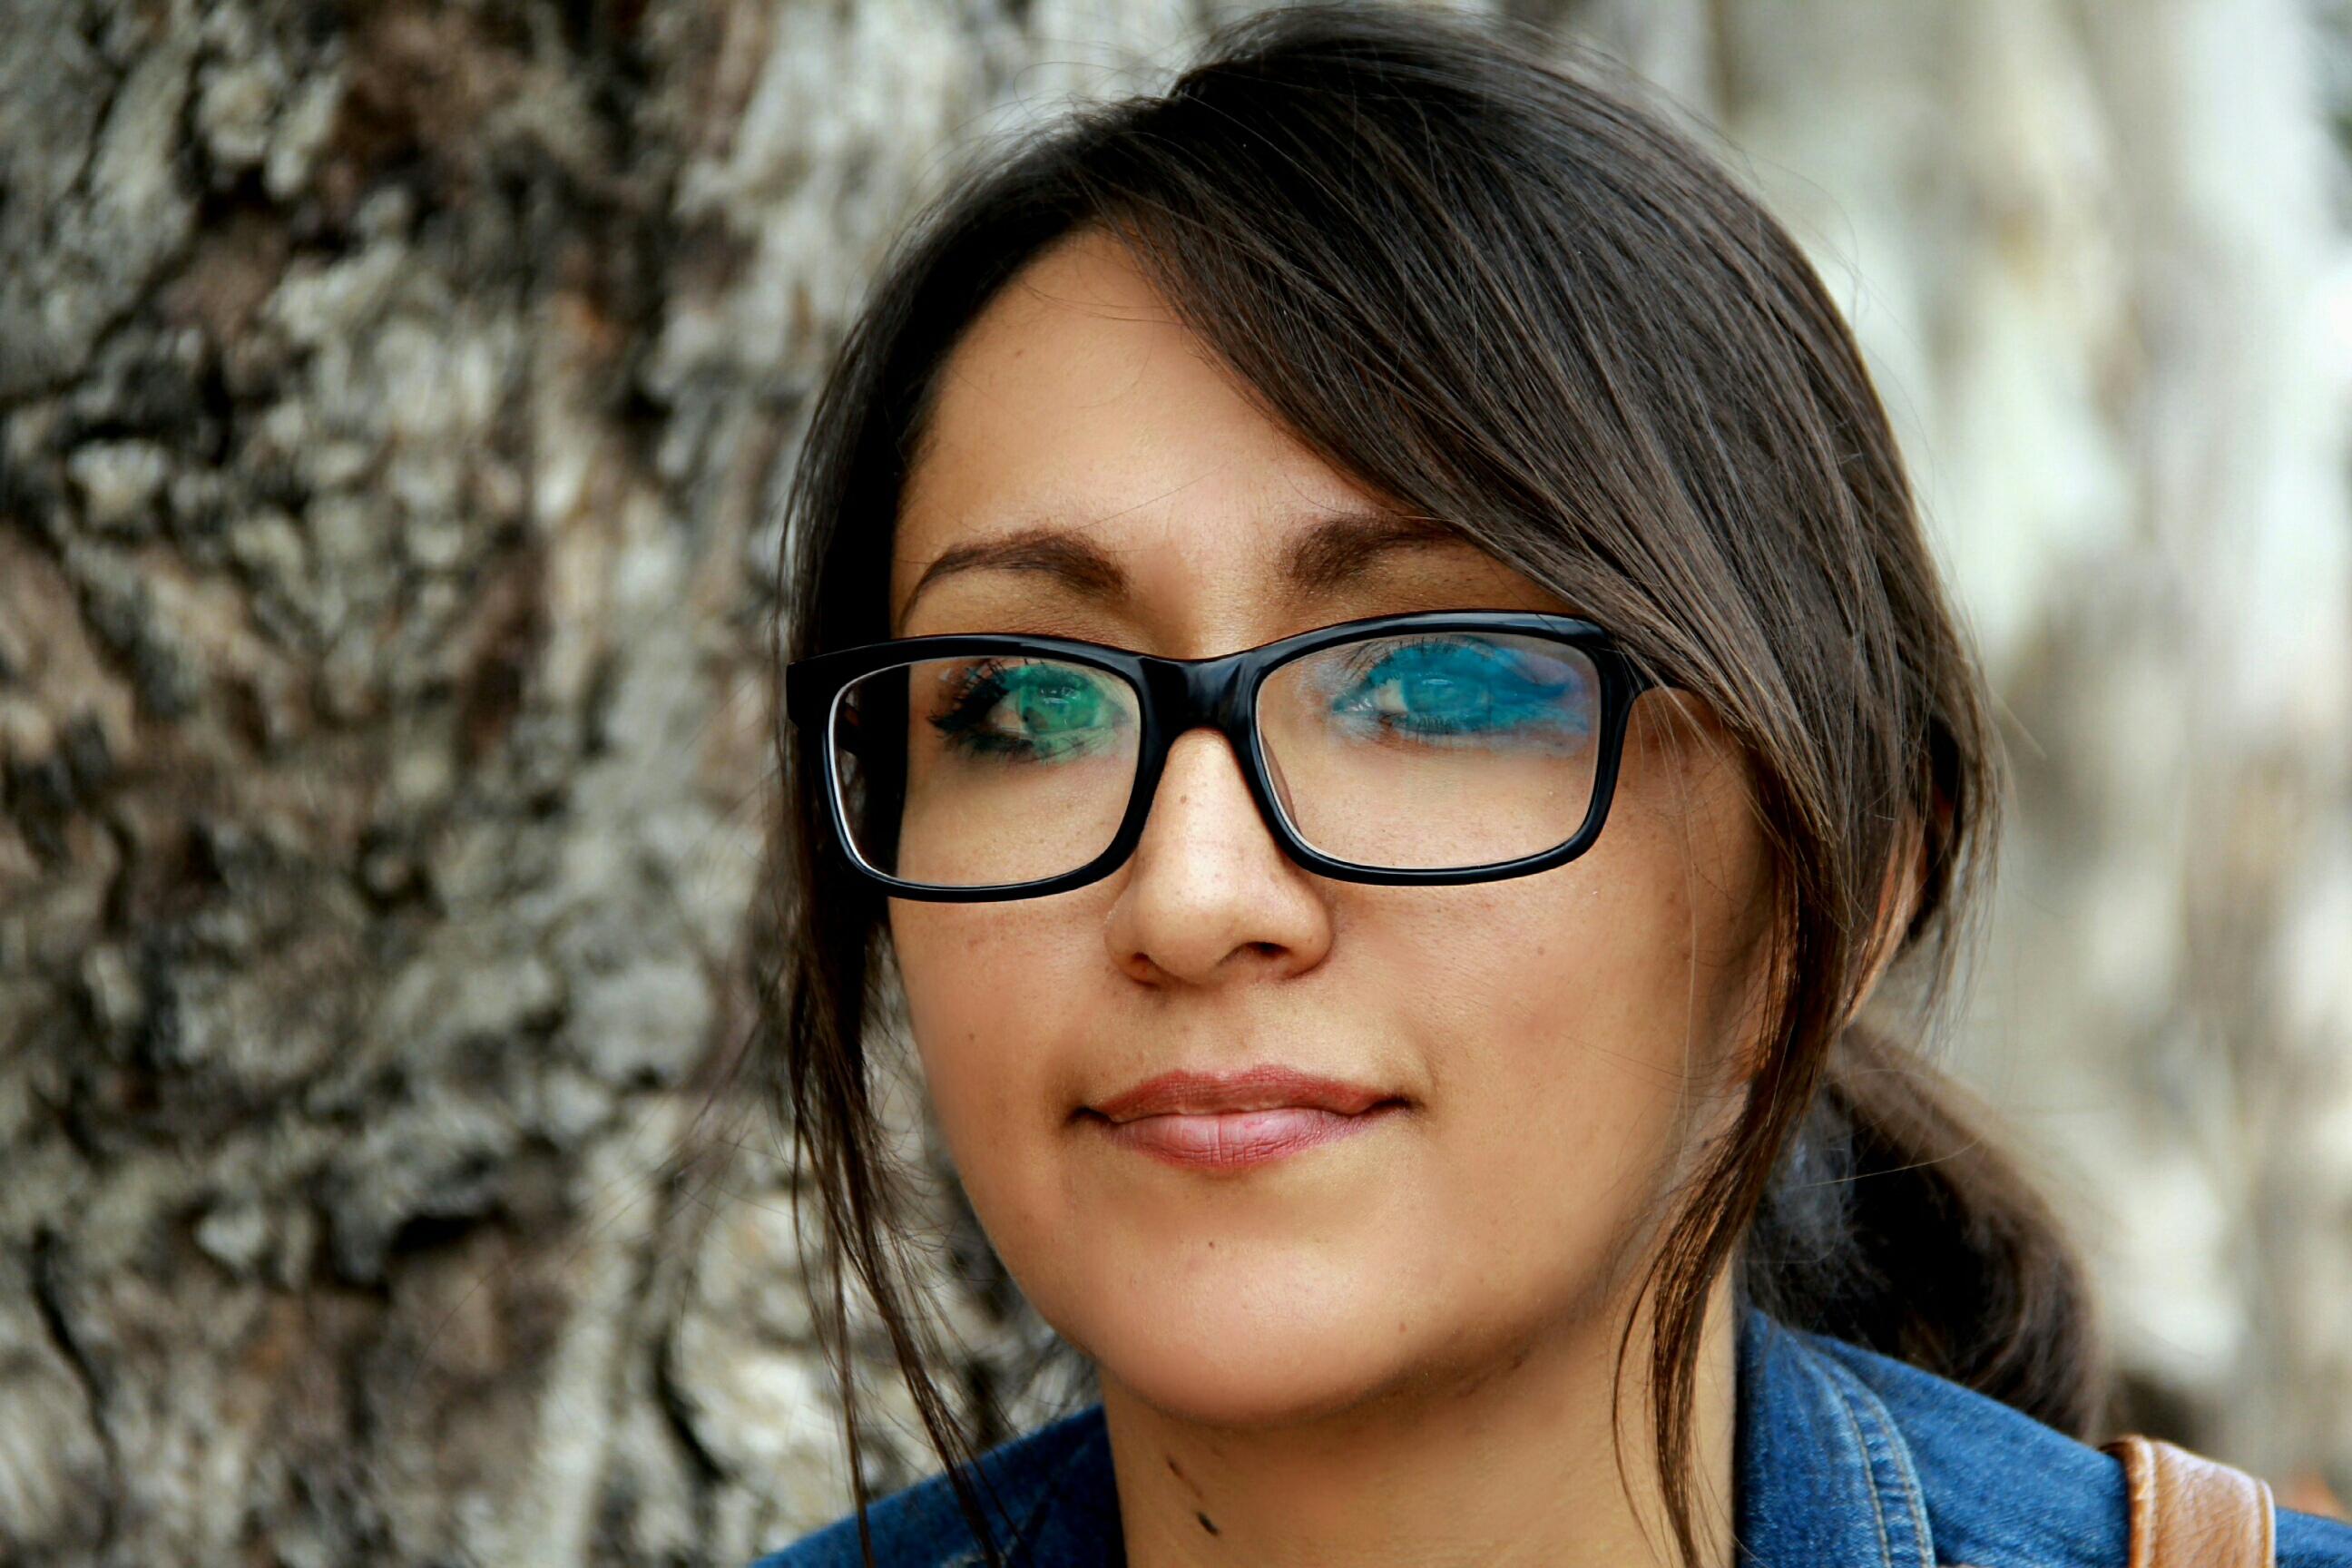 Amnistía Internacional organiza un encuentro en Toledo con la defensora de derechos mexicana Aleida Quintana